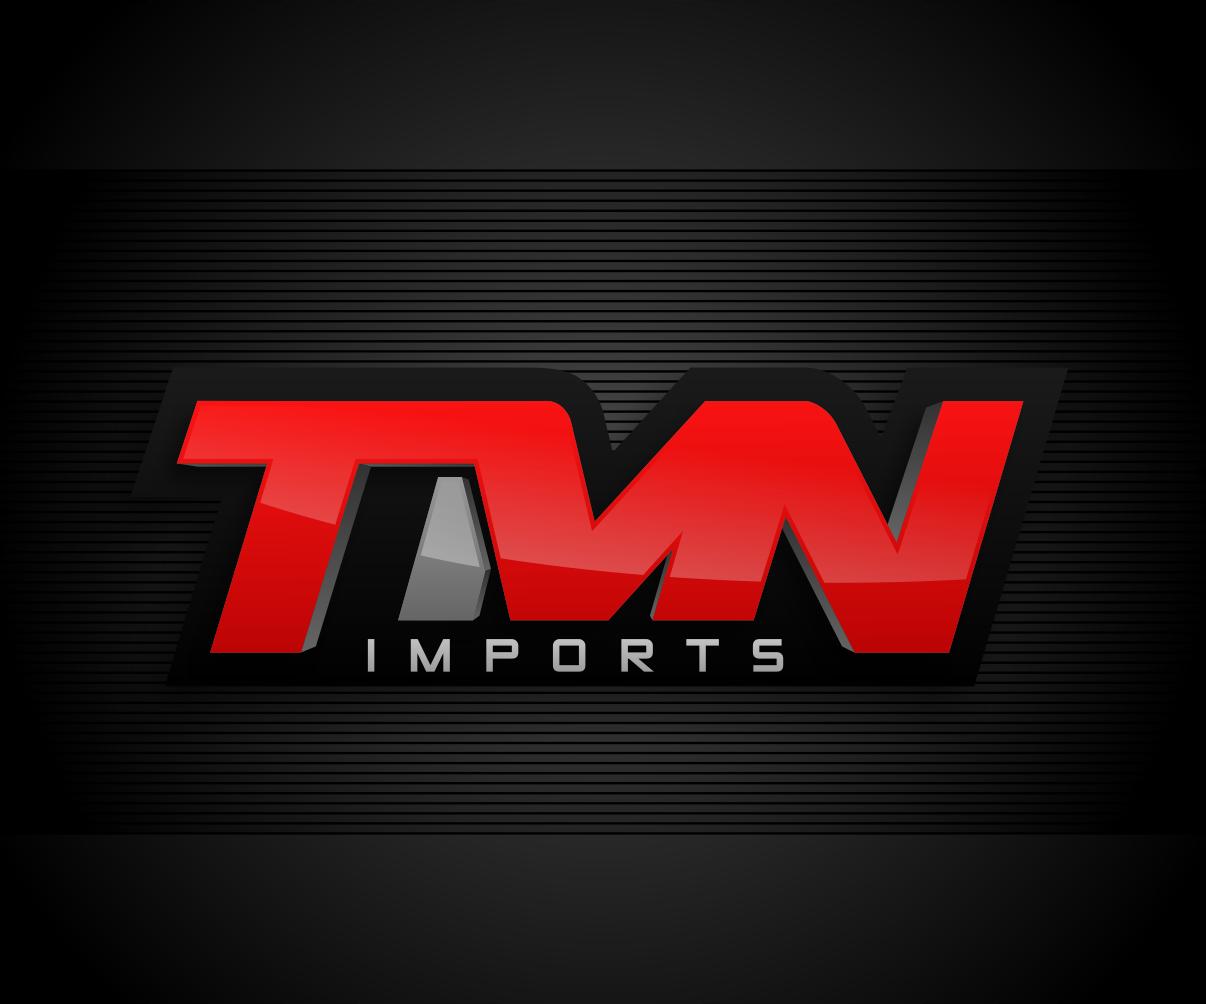 TMN-IMPORTS